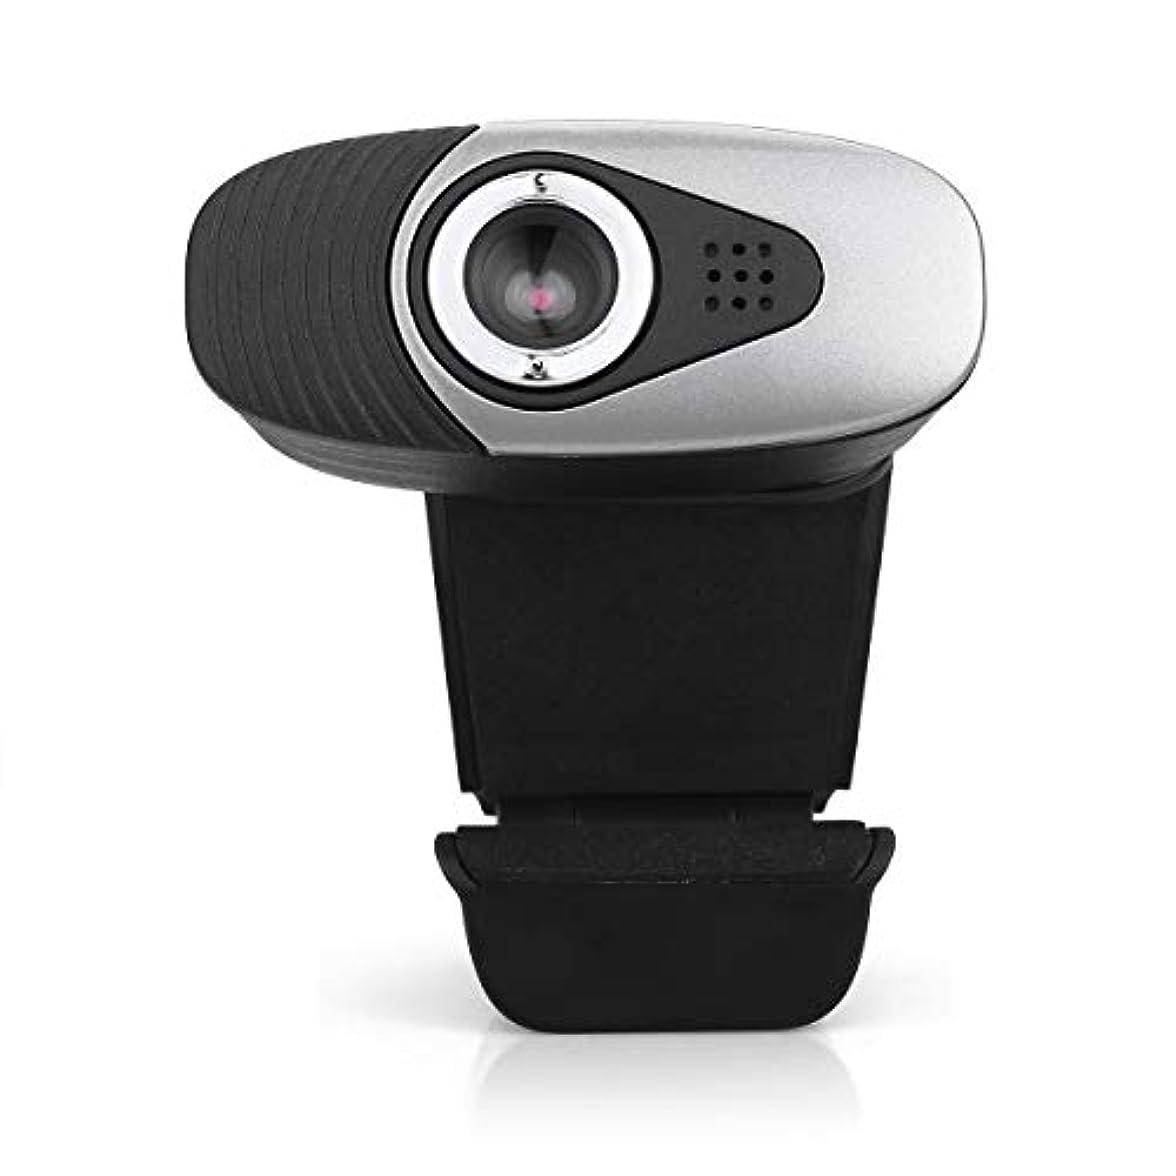 どこにも傷つきやすい熱心NBWS - フルHD PC Skypeウェブカメラ、マイク付き、コンピュータ/ラップトップ/デスクトップ用、プラグアンドプレイUSBカメラ、Windows対応